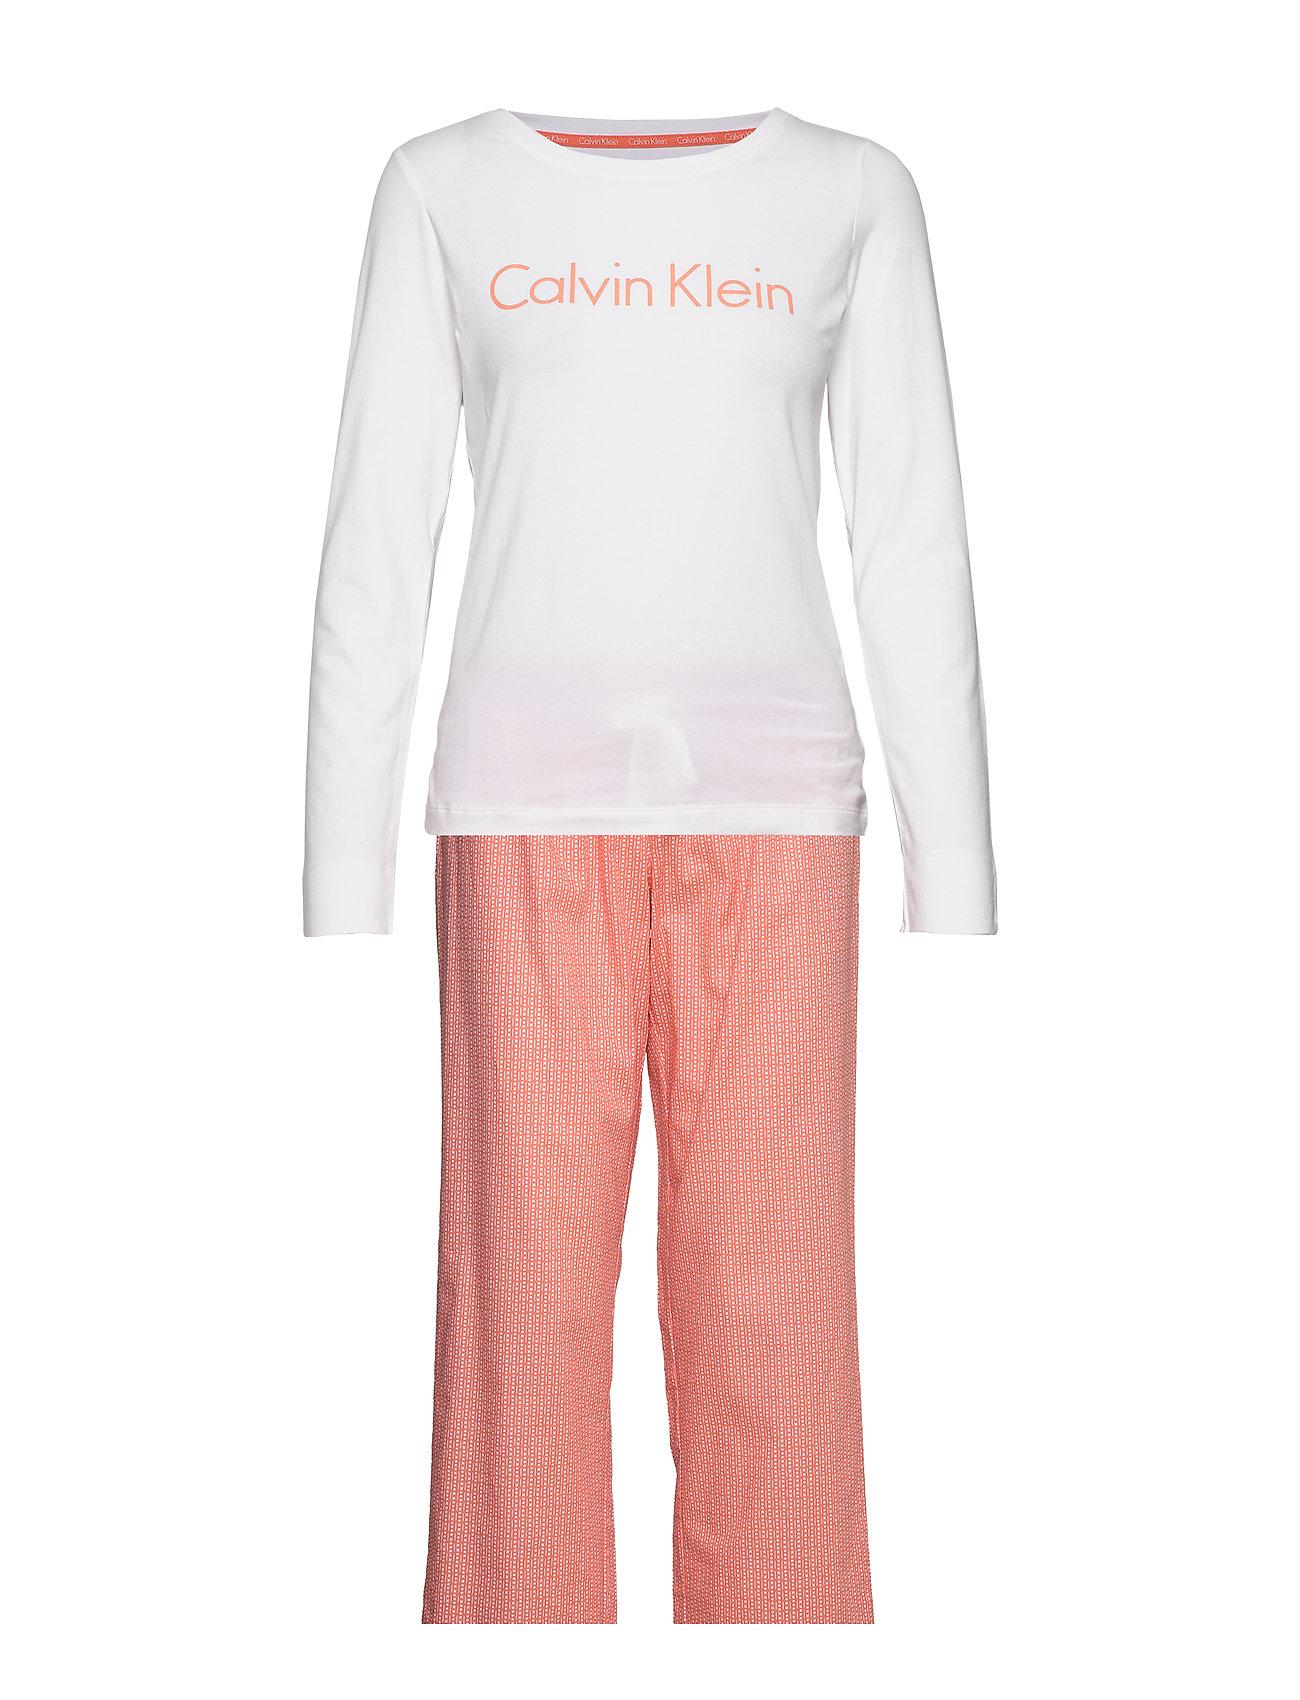 Calvin Klein L/S PANT SET - TRIPLE DOT PRINT